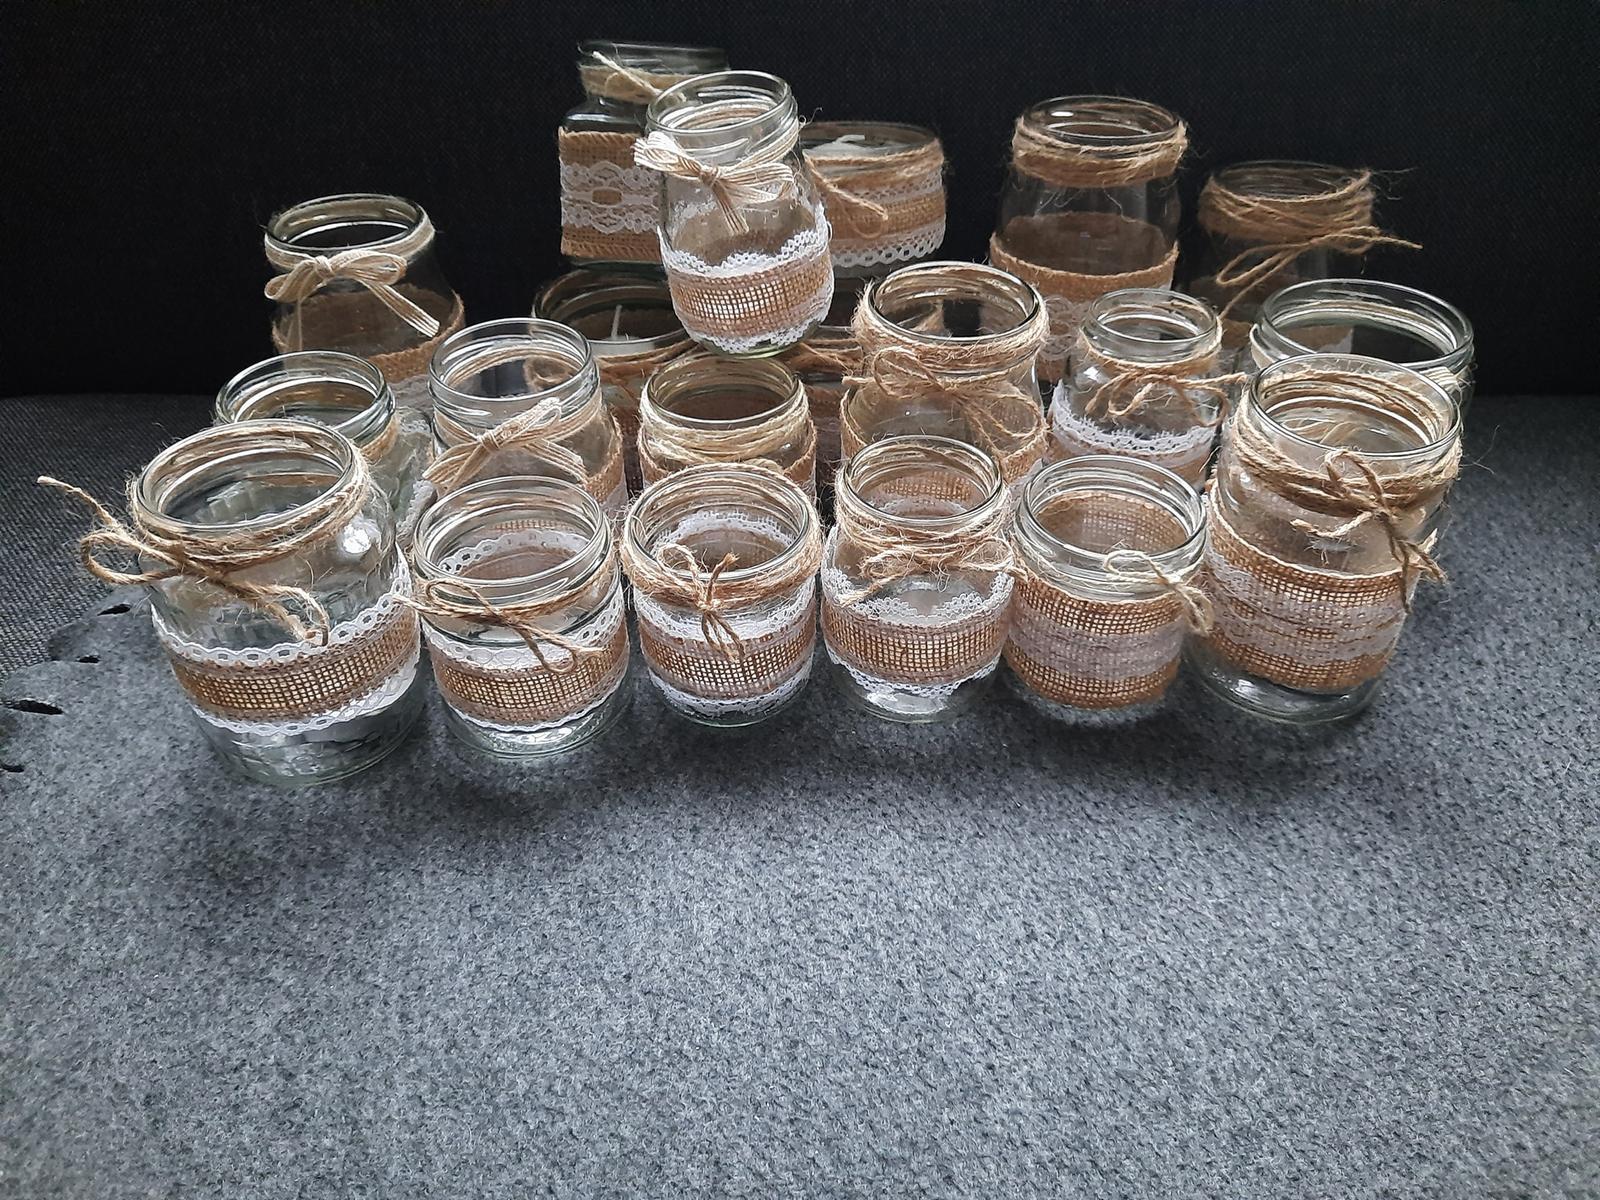 Svícínky 22 ks - Obrázek č. 1